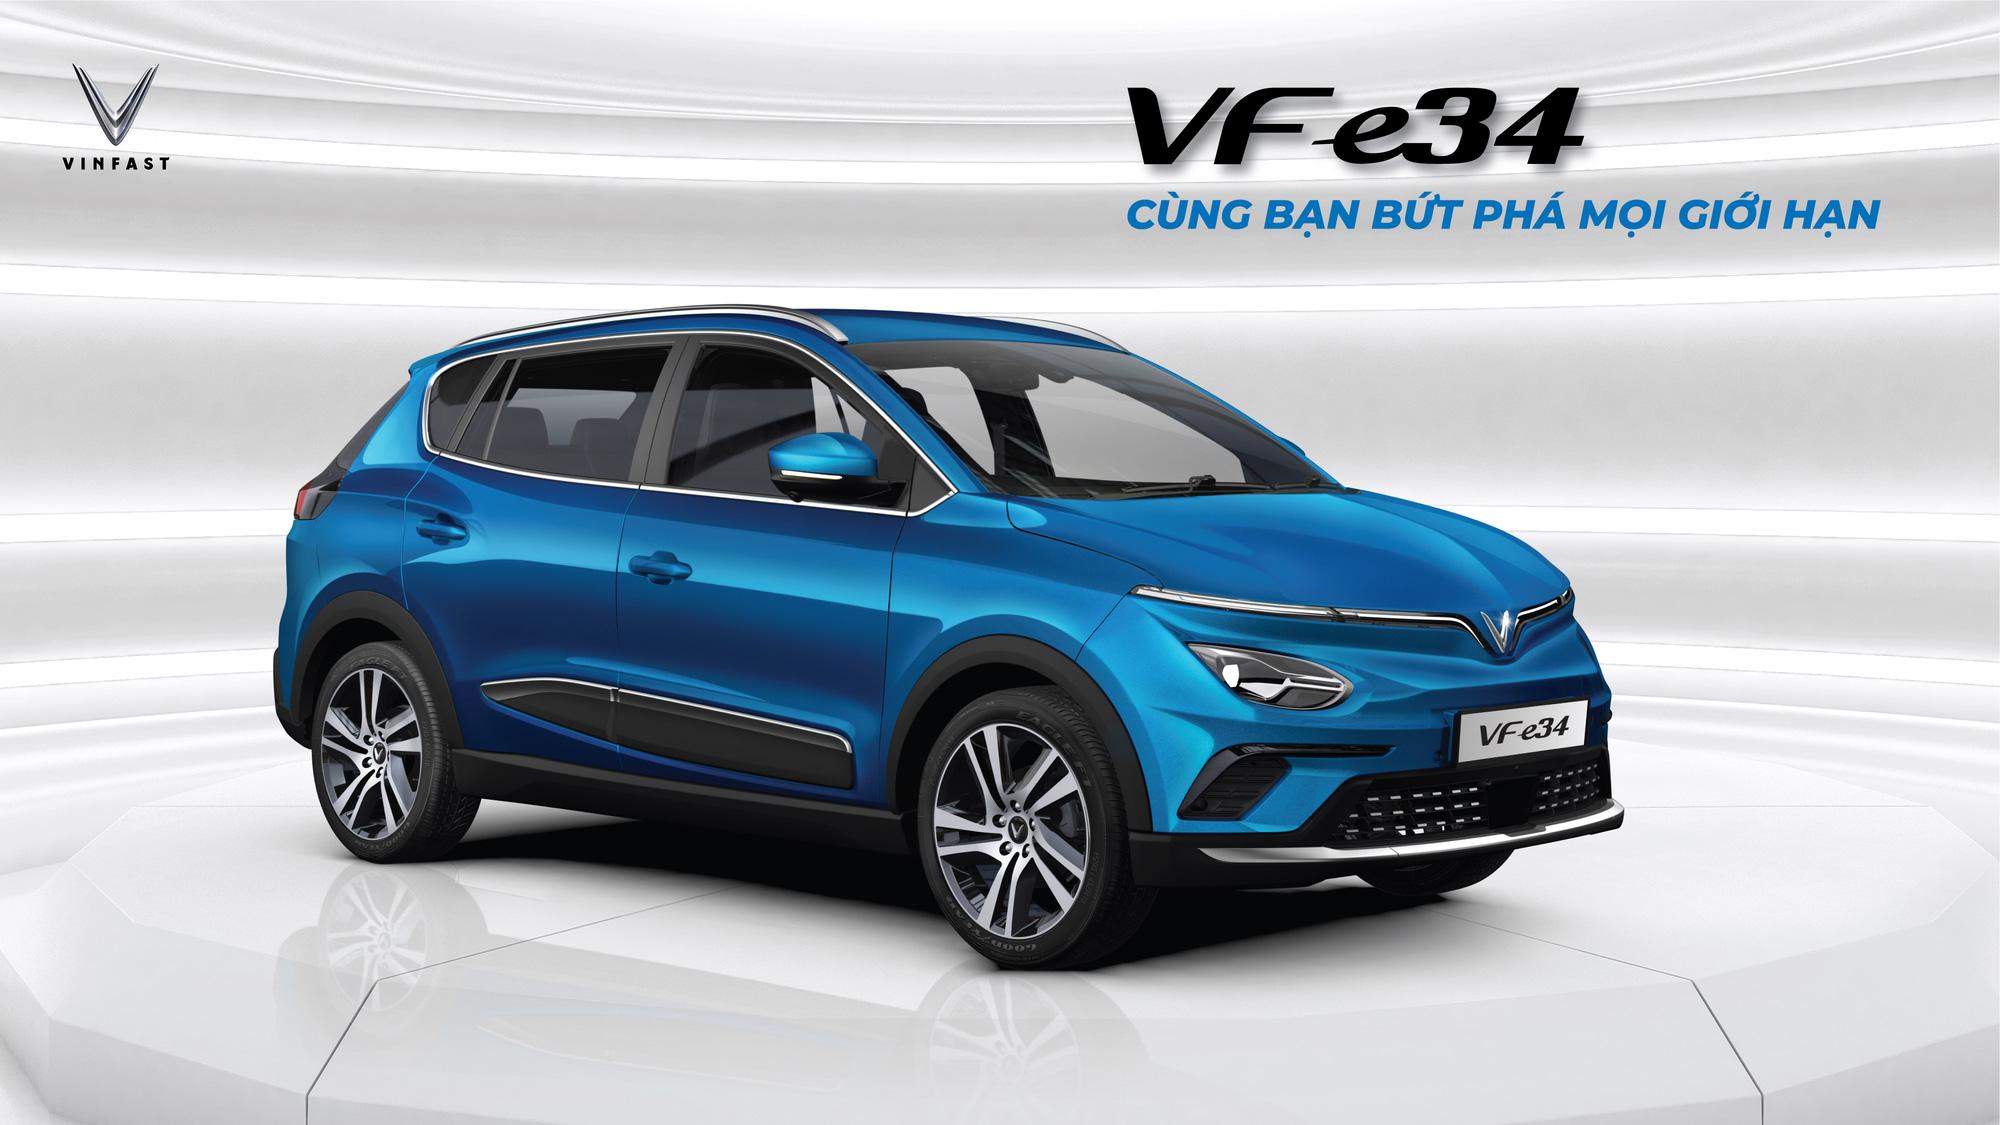 Choáng với lượng đặt hàng ô tô điện VinFast, kỷ lục chưa từng có - Ảnh 1.